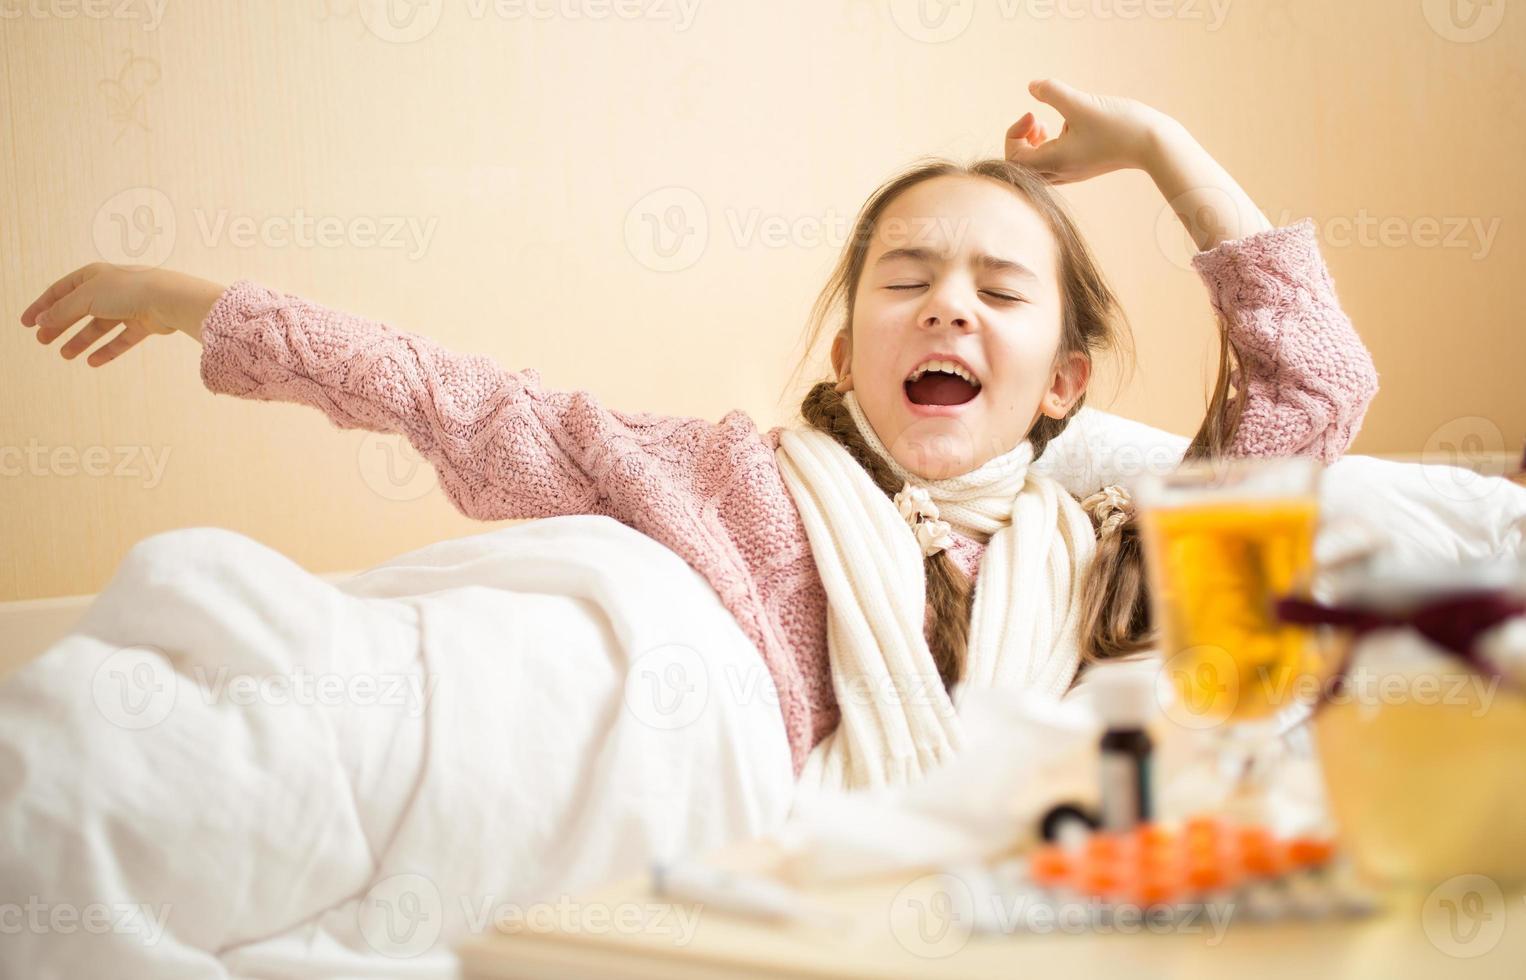 kleines Mädchen mit Grippe gähnt am Morgen im Bett foto